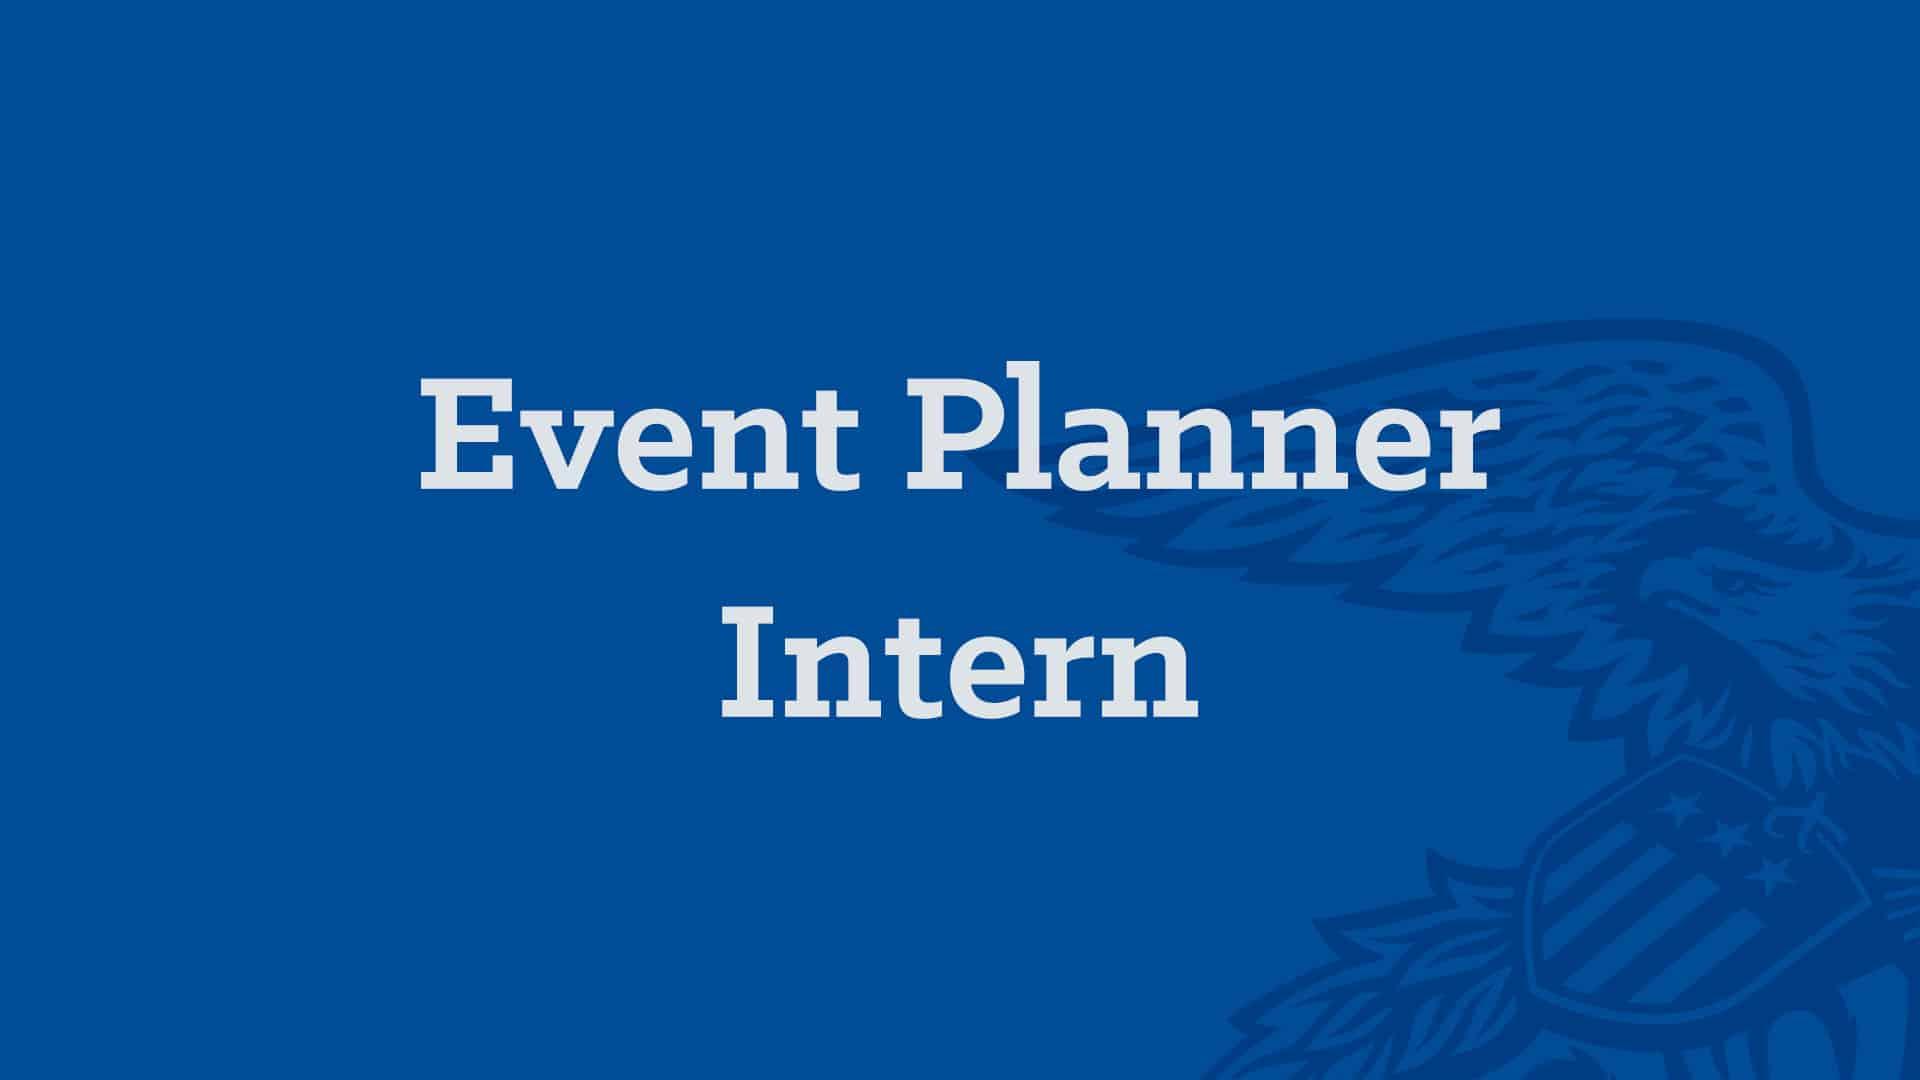 Event Planner Intern Banner